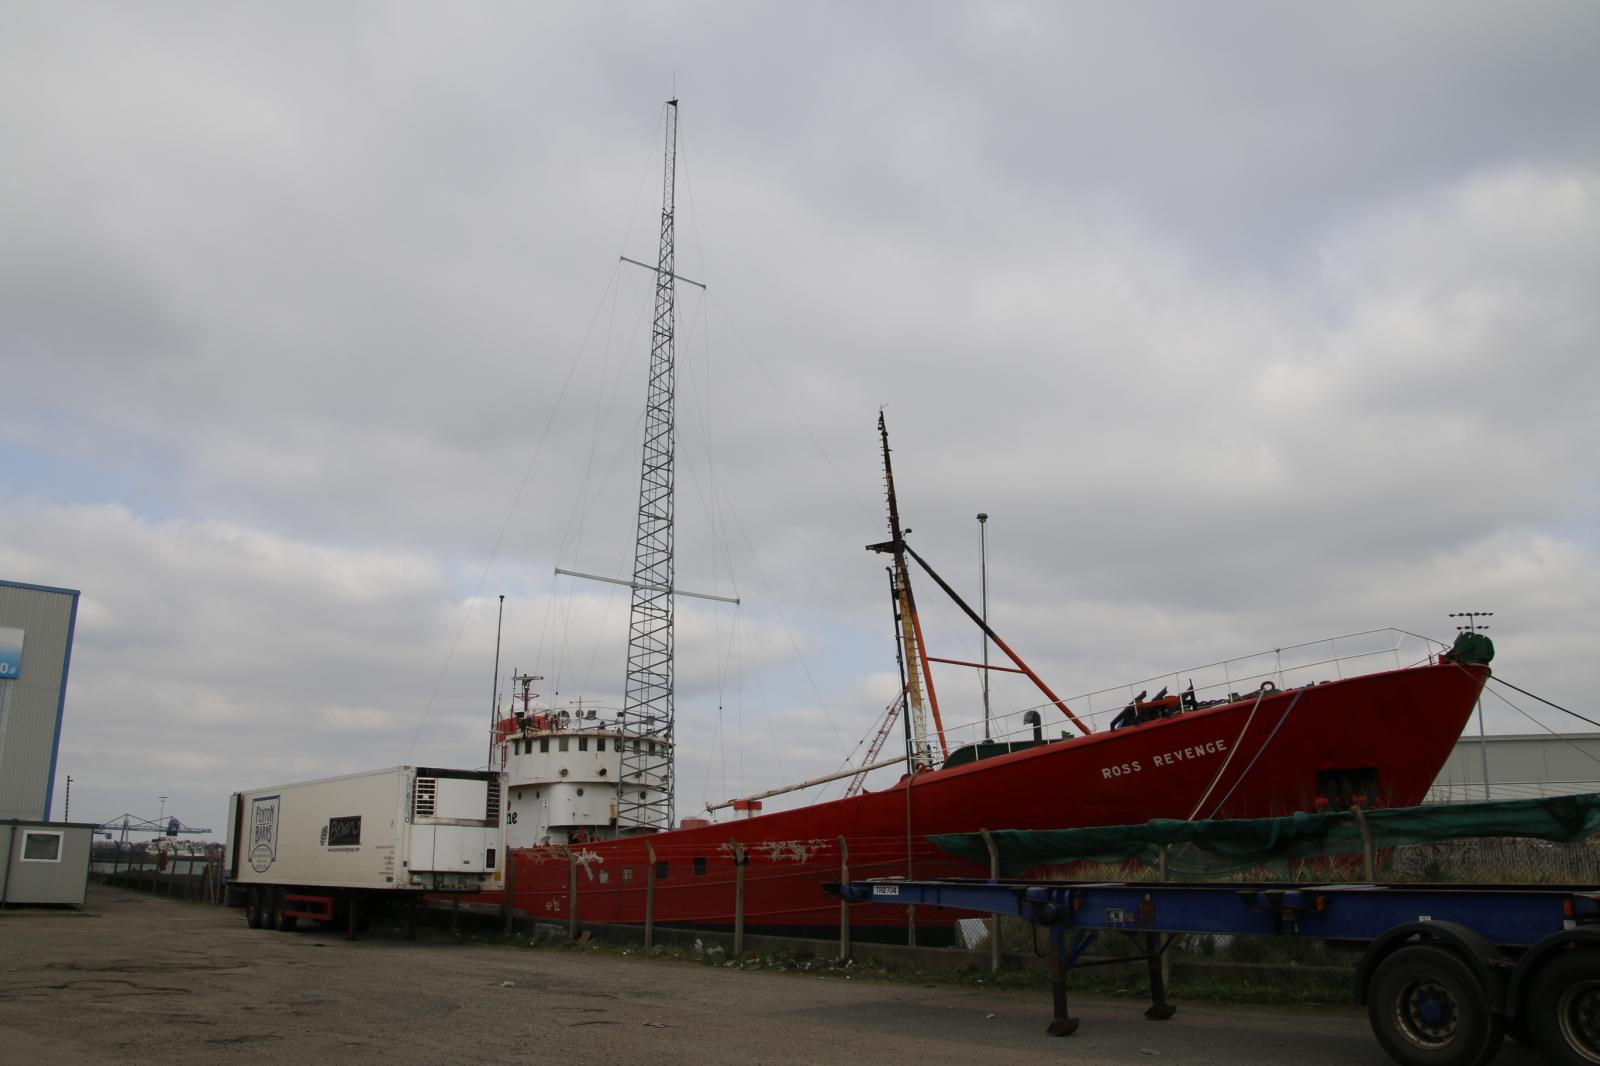 2014-03-10-RossRevenge-Tilbury-0117.JPG